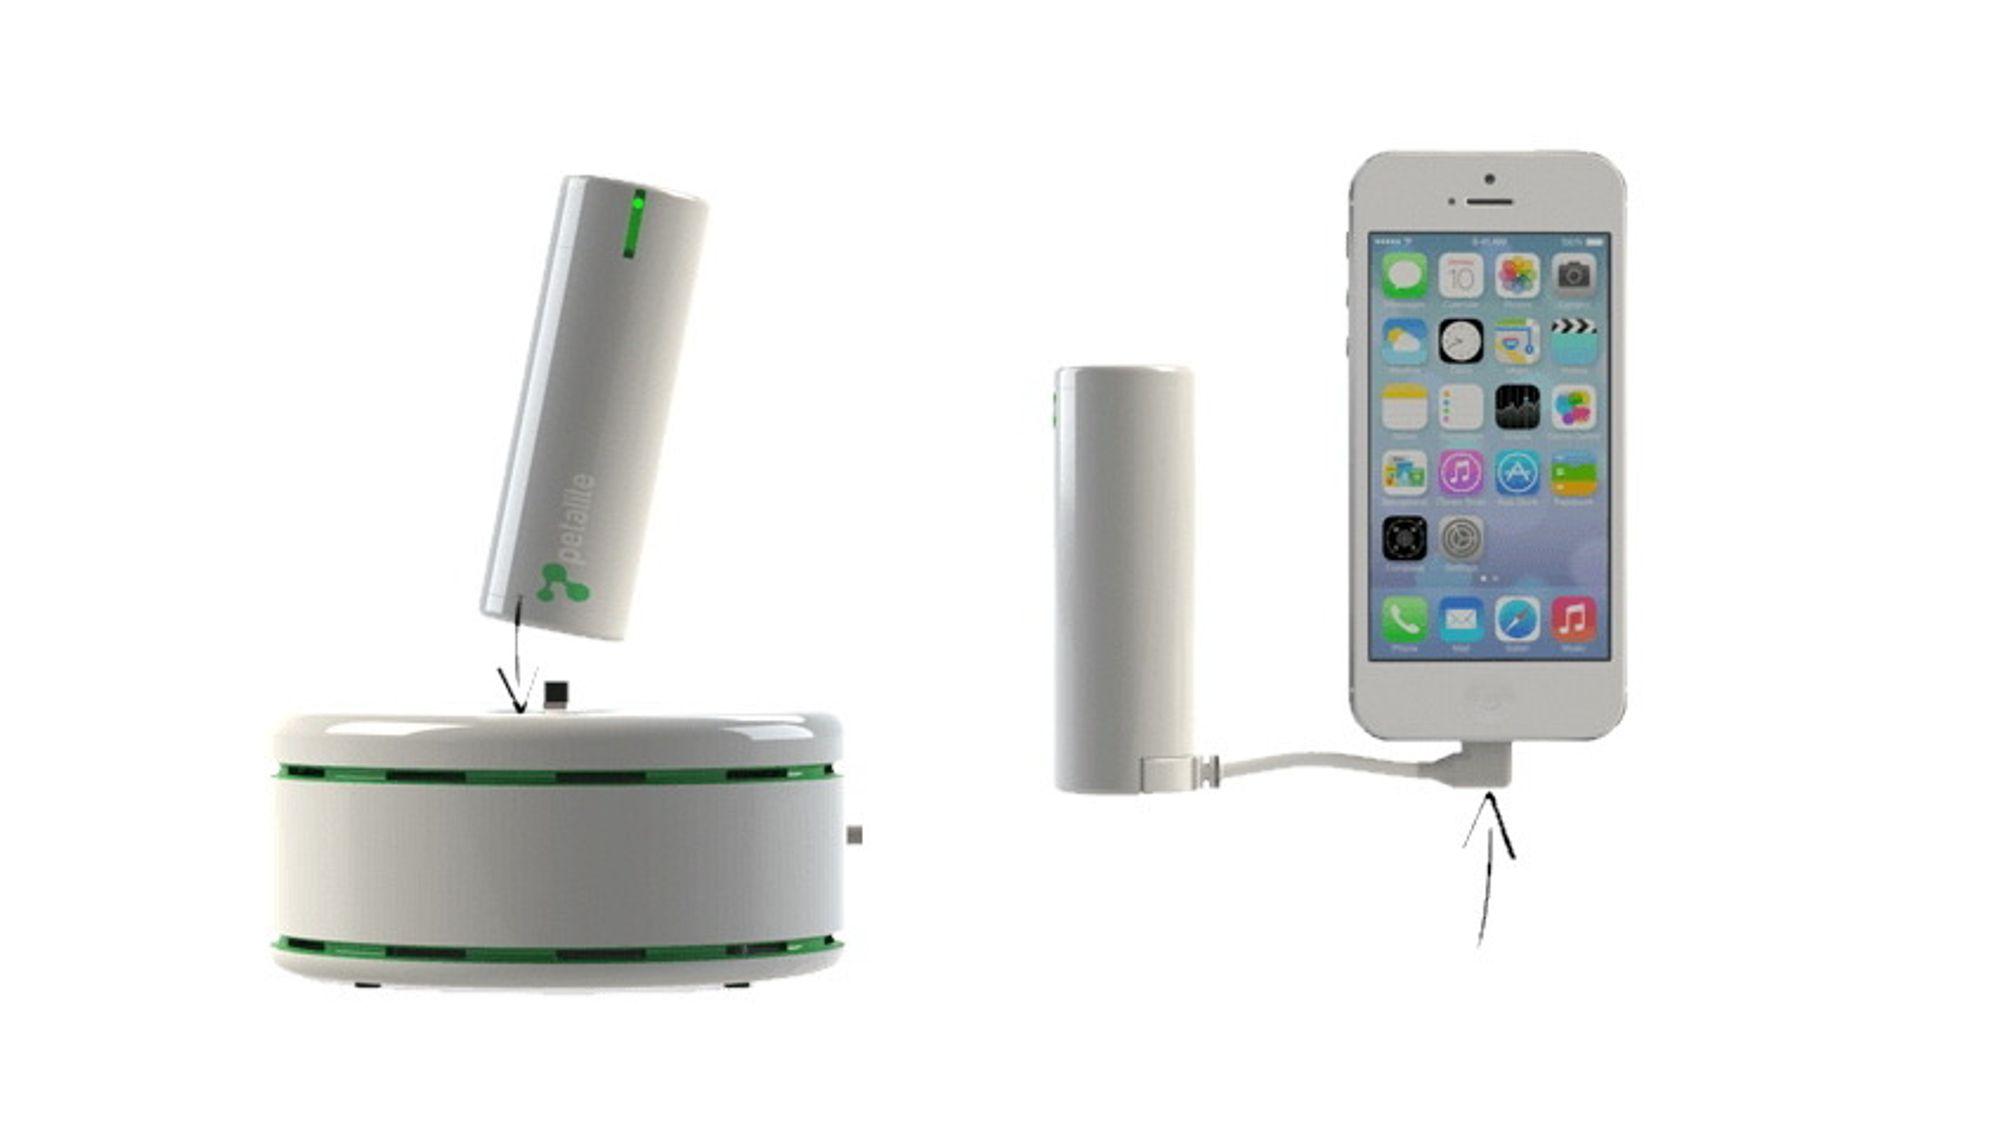 Petalite hevder å ha laget verdens raskeste eksterne mobillader.